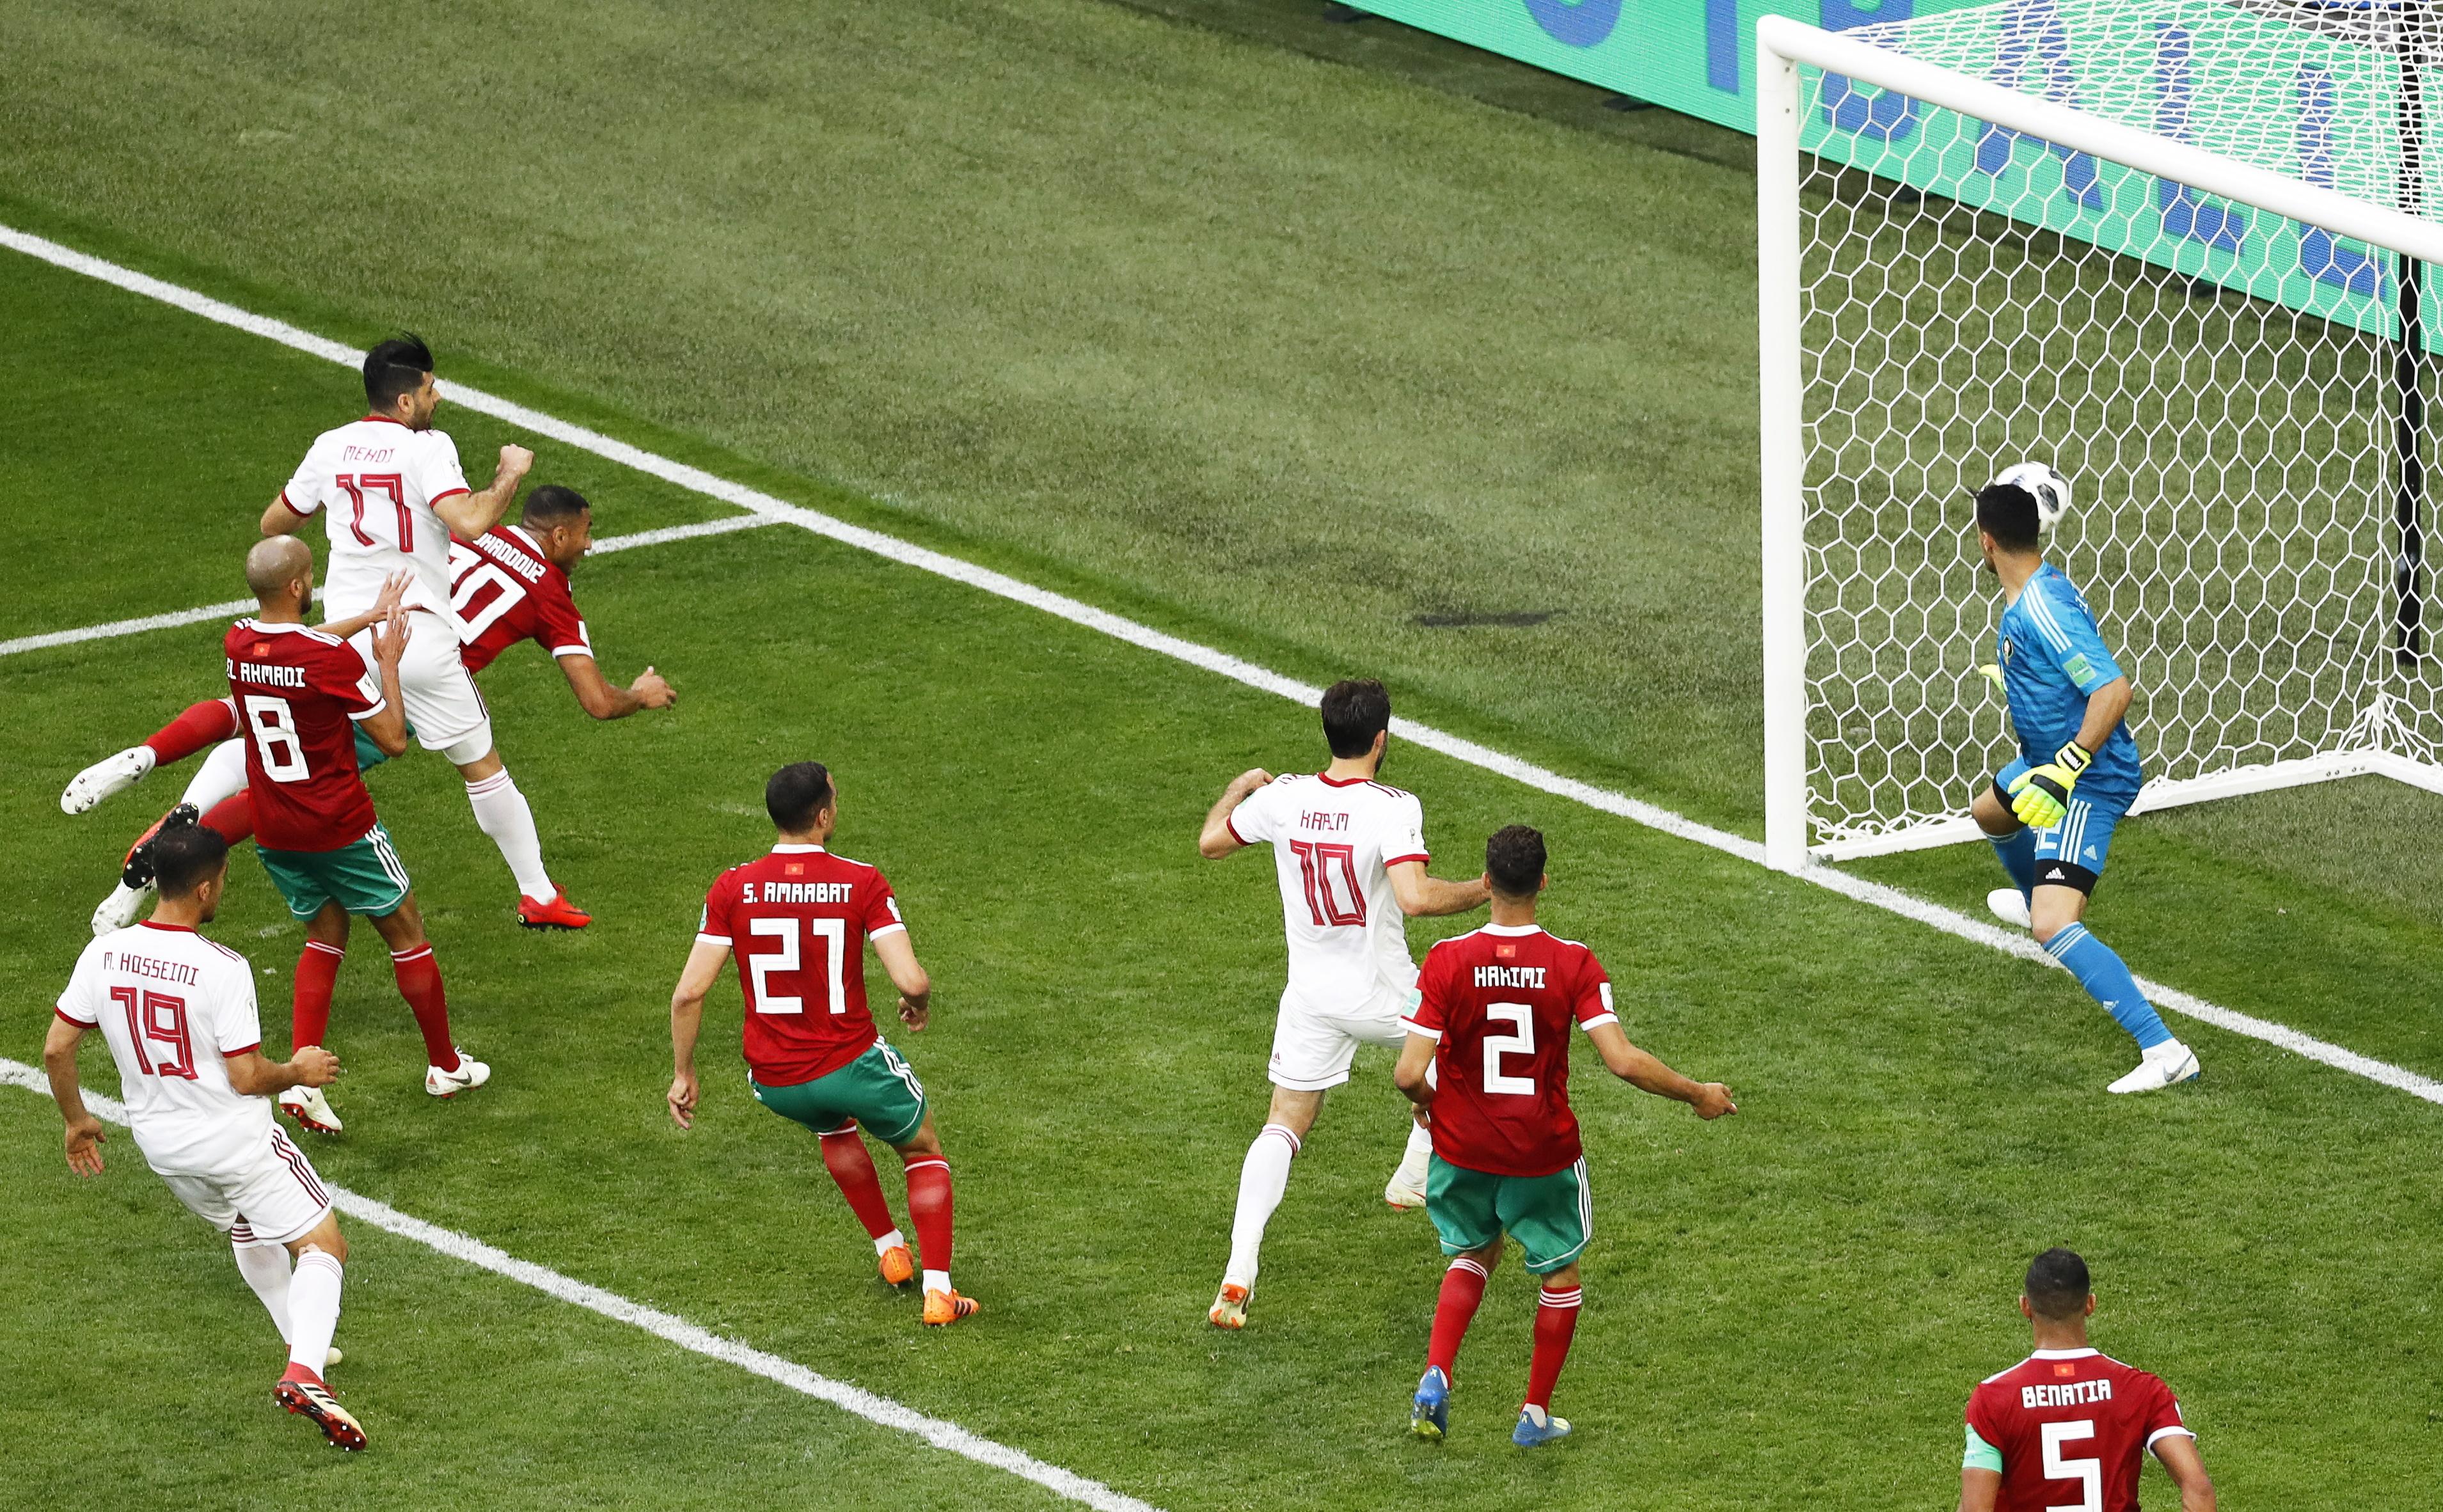 Marrocos diz que seguiu protocolo e Amrabat em dúvida para jogo com Portugal